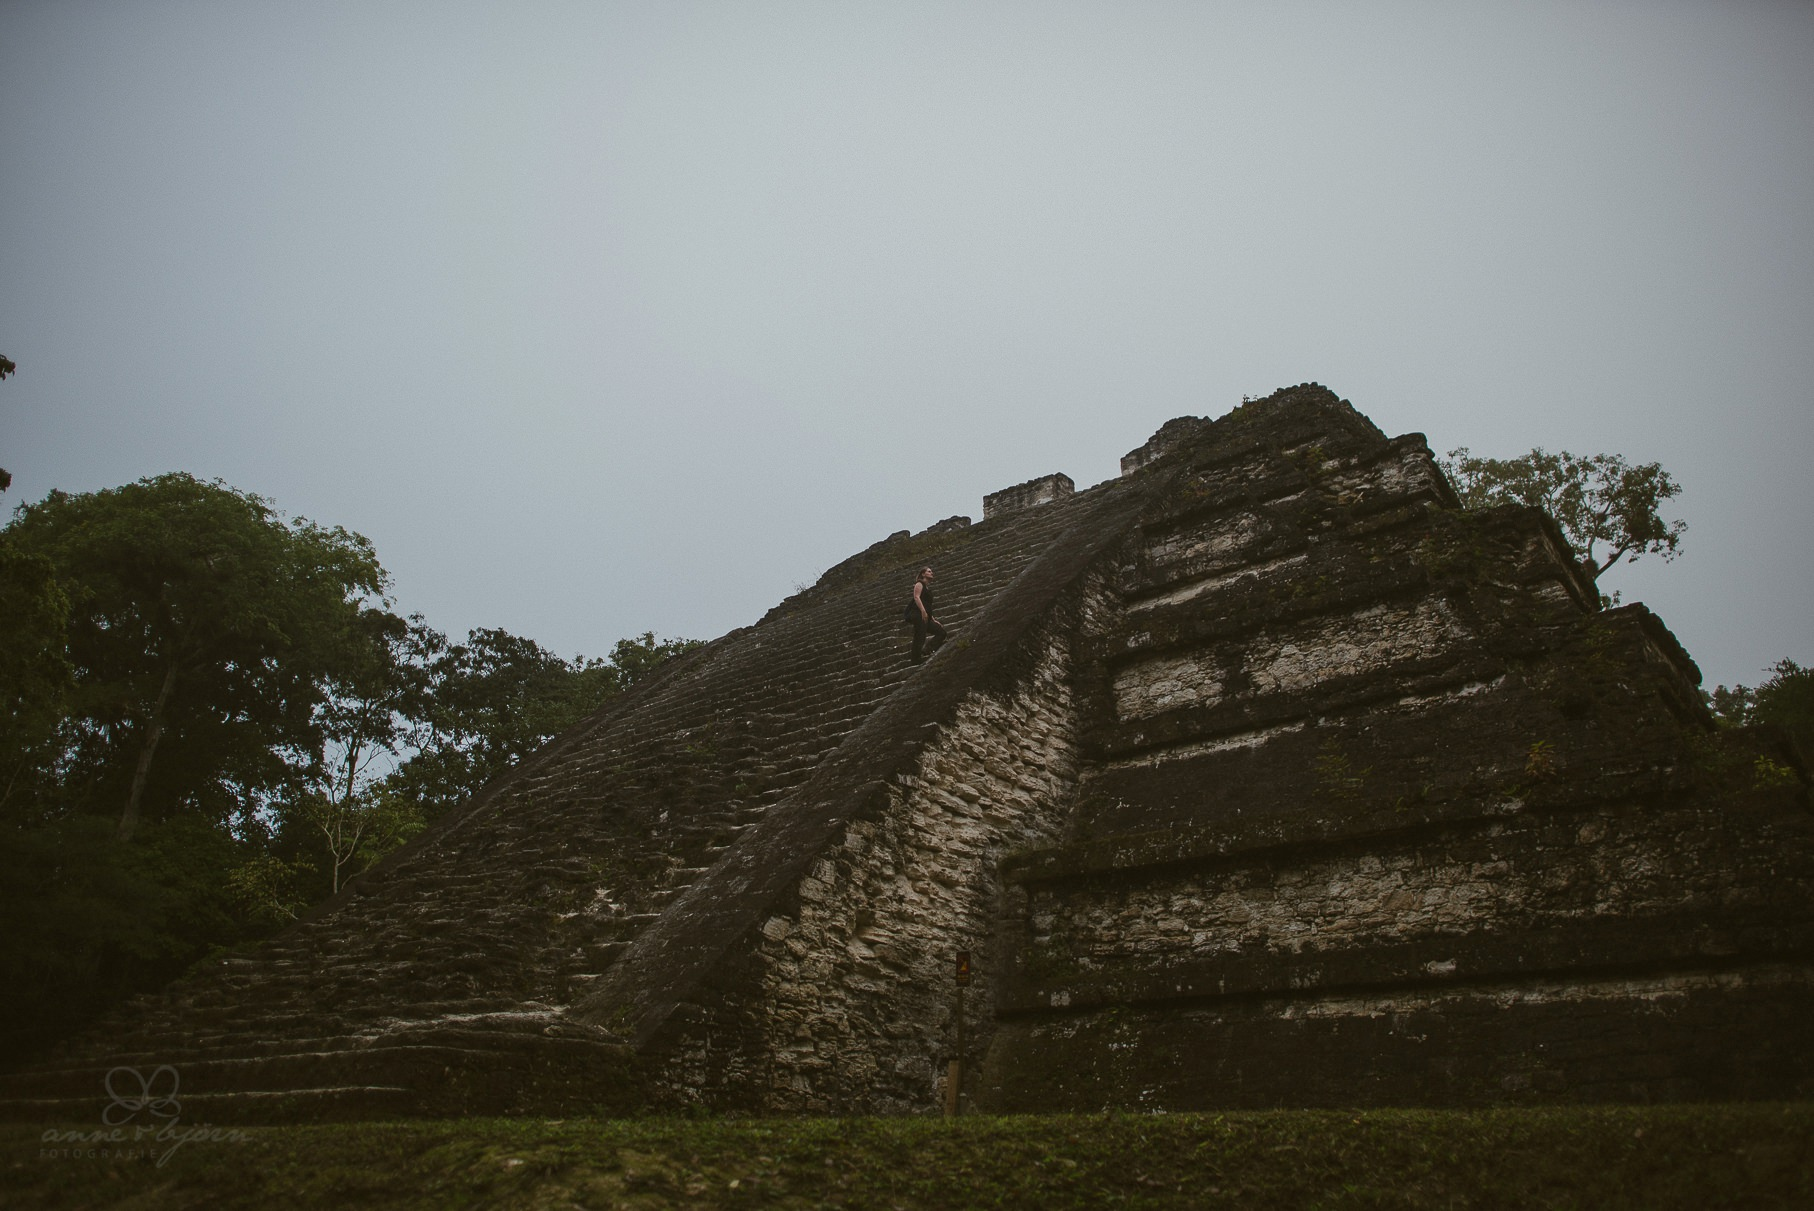 0209 anne und bjoern guatemala d75 4575 - 4 Wochen durch Guatemala - backpacking durch Mittelamerika